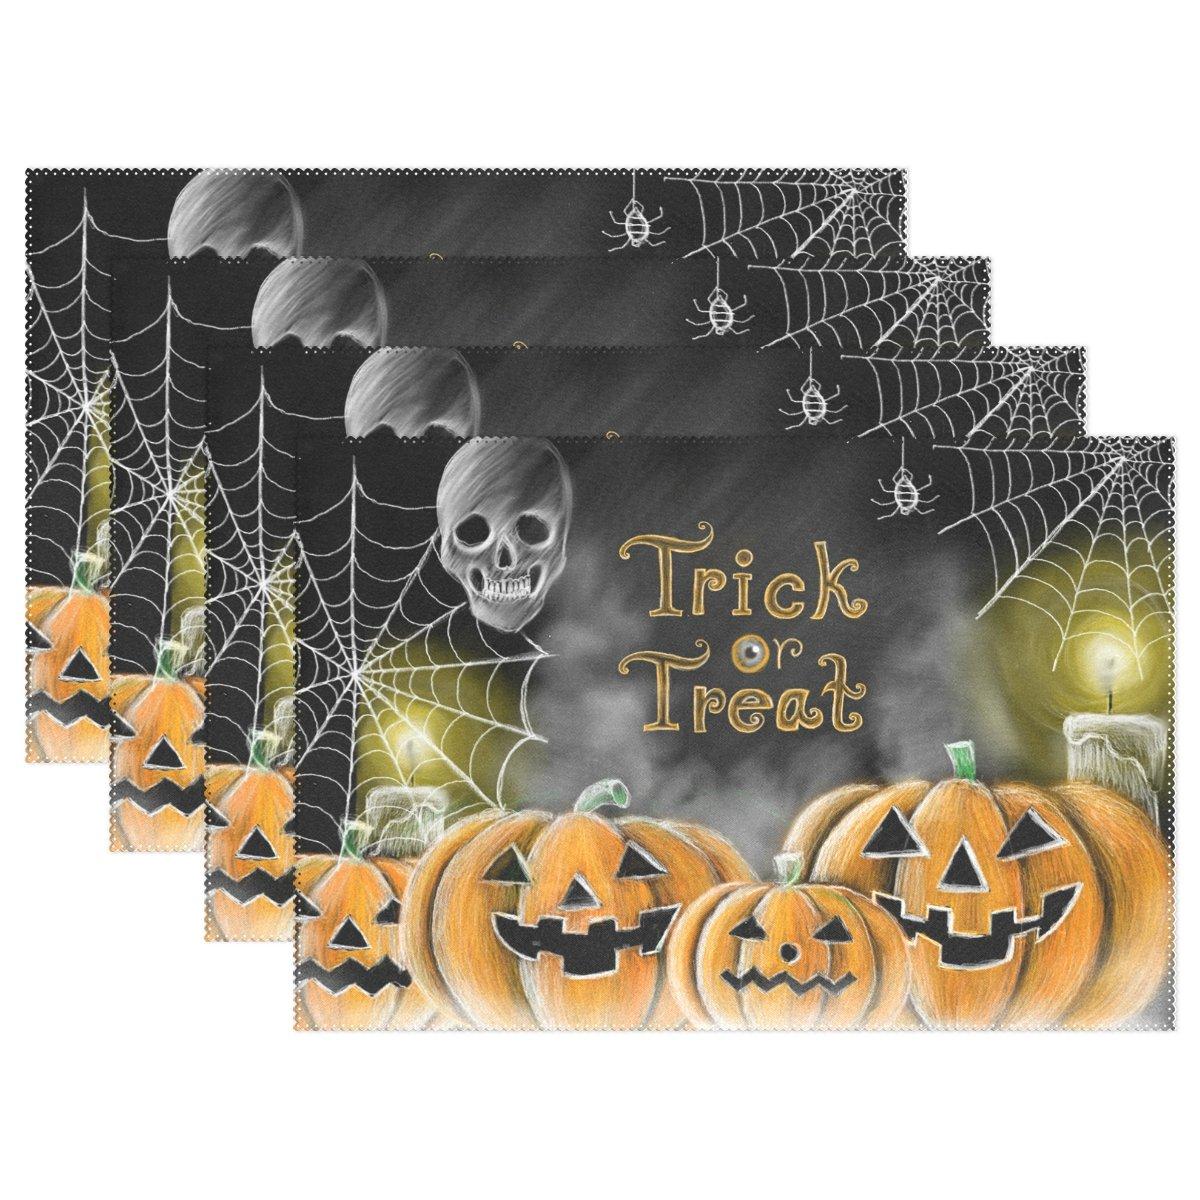 naanle Halloween Holidayプレースマット、ハロウィンパンプキンCobweb蜘蛛スカル非スリップ耐熱WashableテーブルPlaceマットキッチンダイニングテーブル用ホーム装飾 12 x 18 Inches 6332342p145c160s239-08 8 マルチカラー B07FQTWWCM